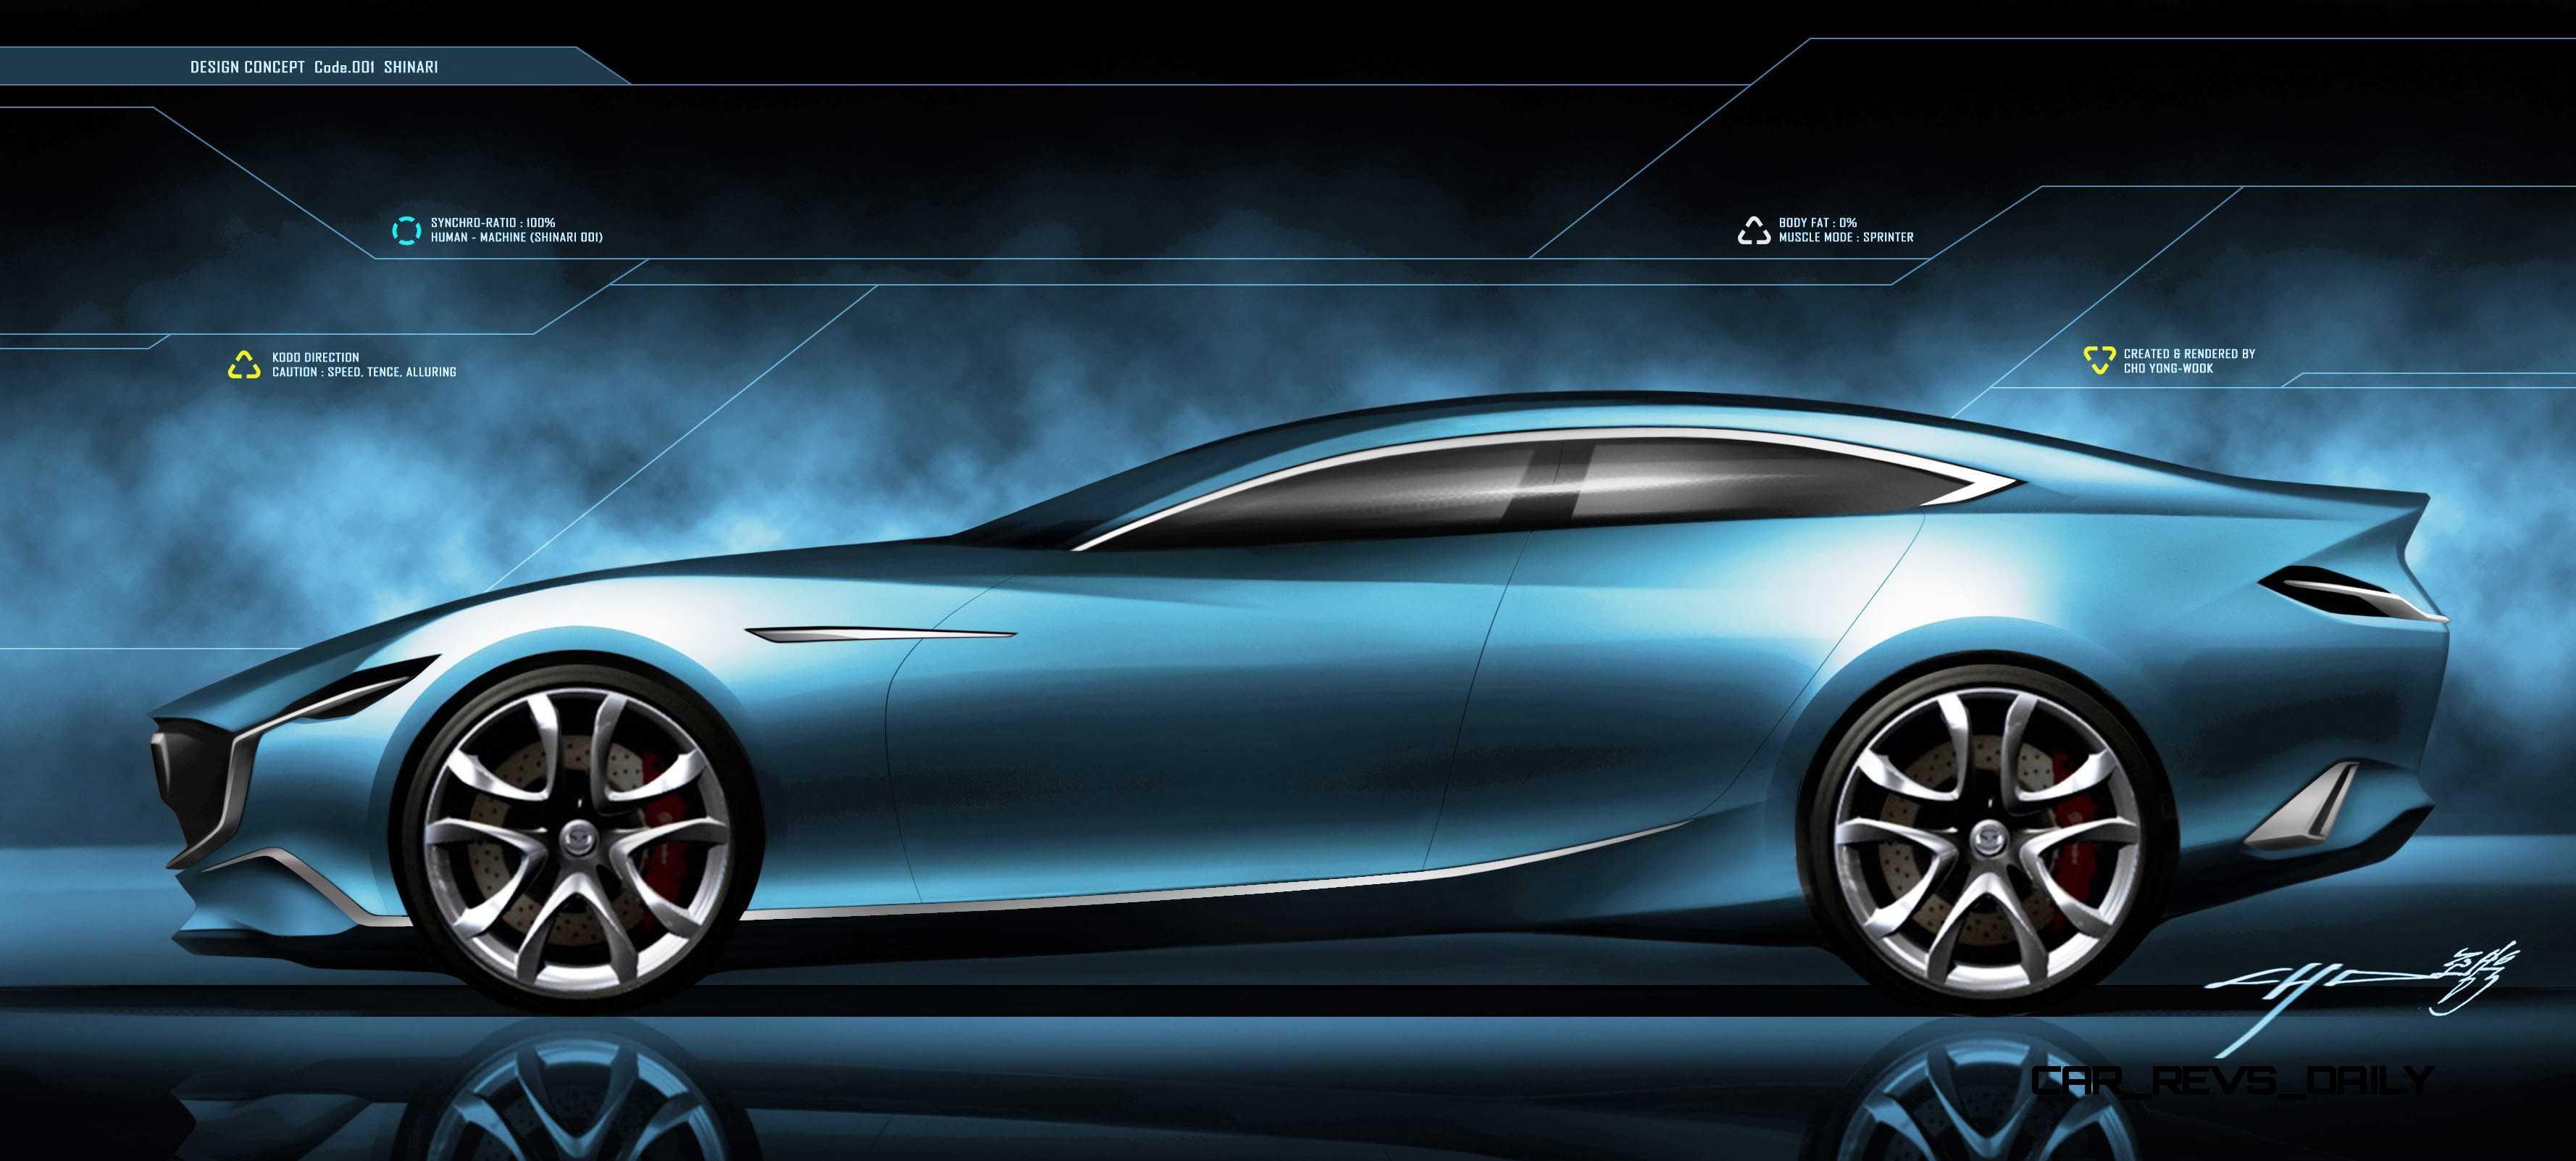 2010 Mazda SHINARI Concept 44